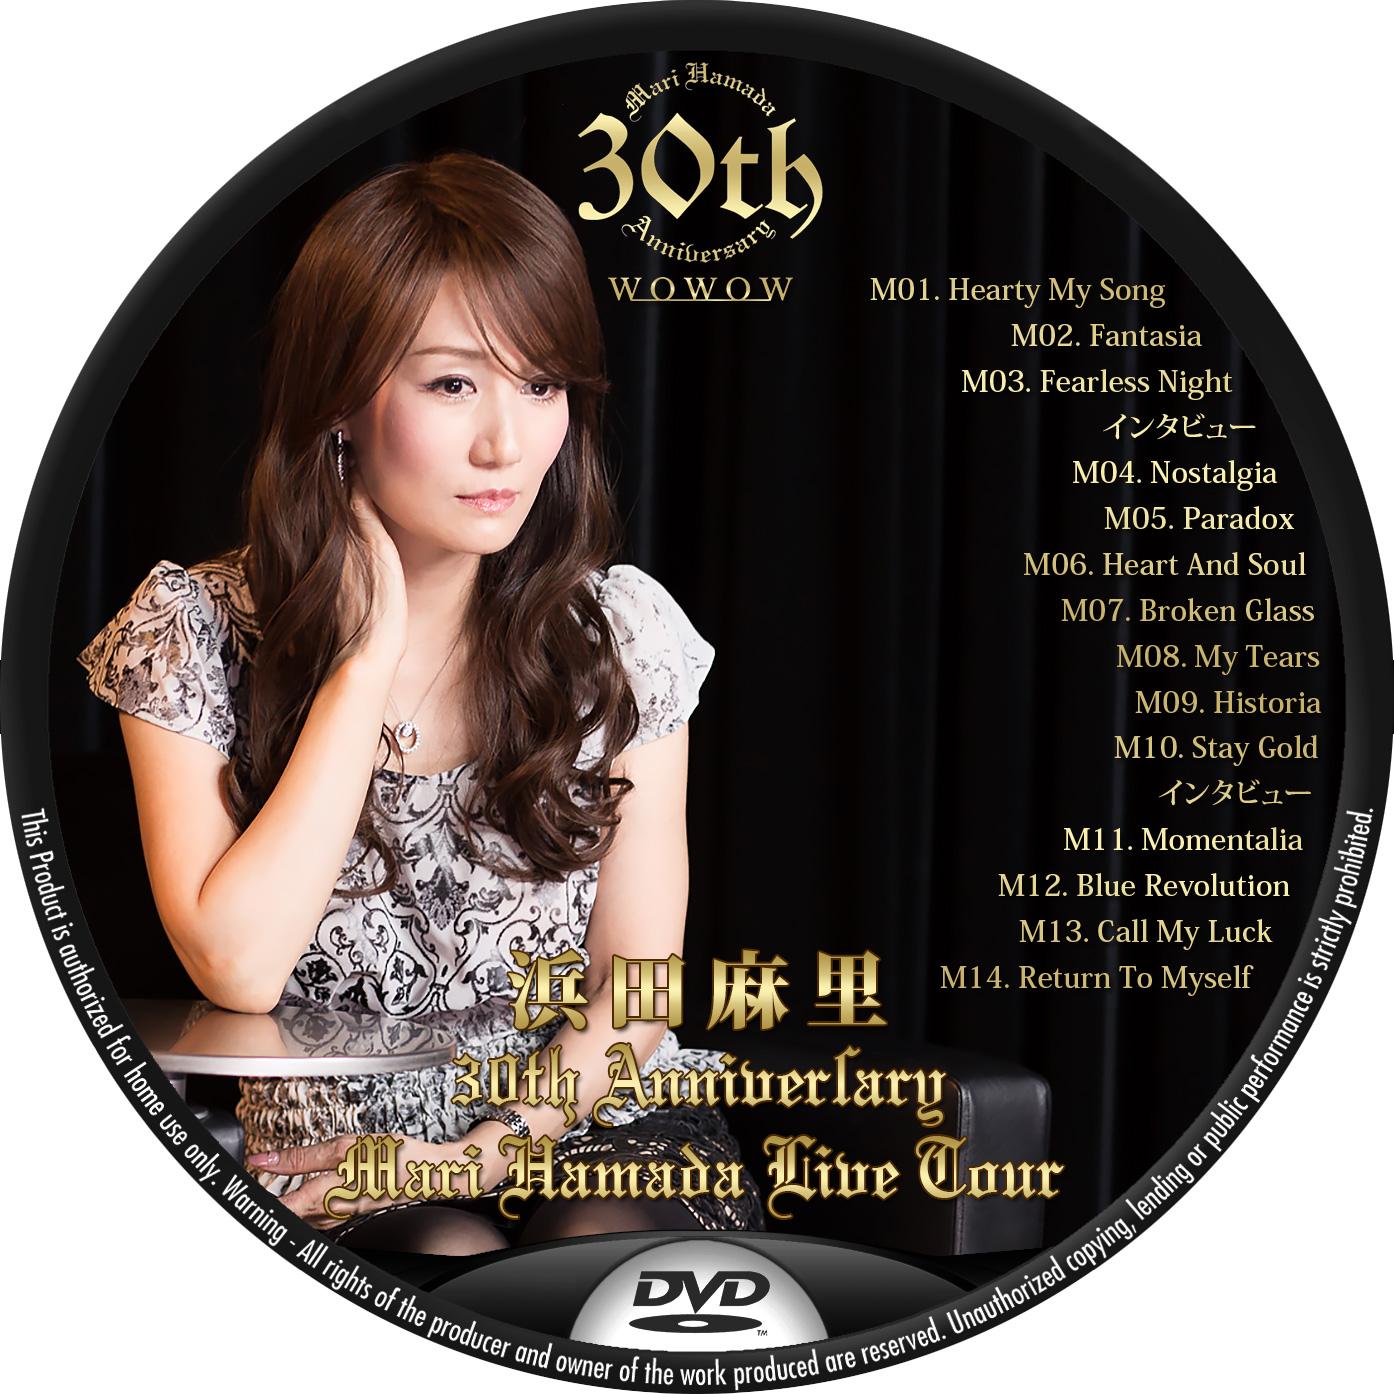 浜田麻里 Anniversary Live DVDラベル